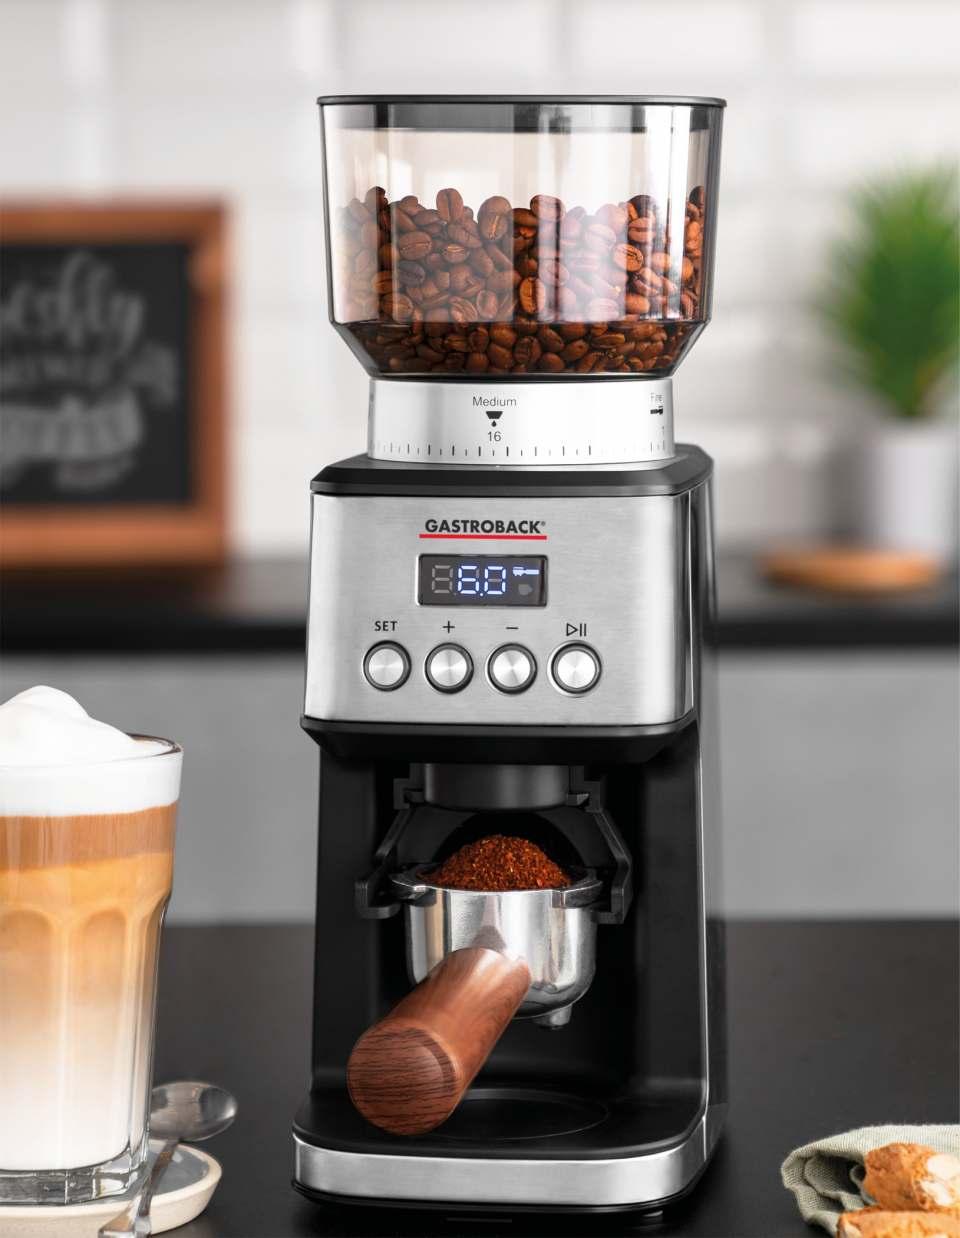 Gastroback Kaffeemühle Digital mit Edelstahl-Kegelmahlwerk.